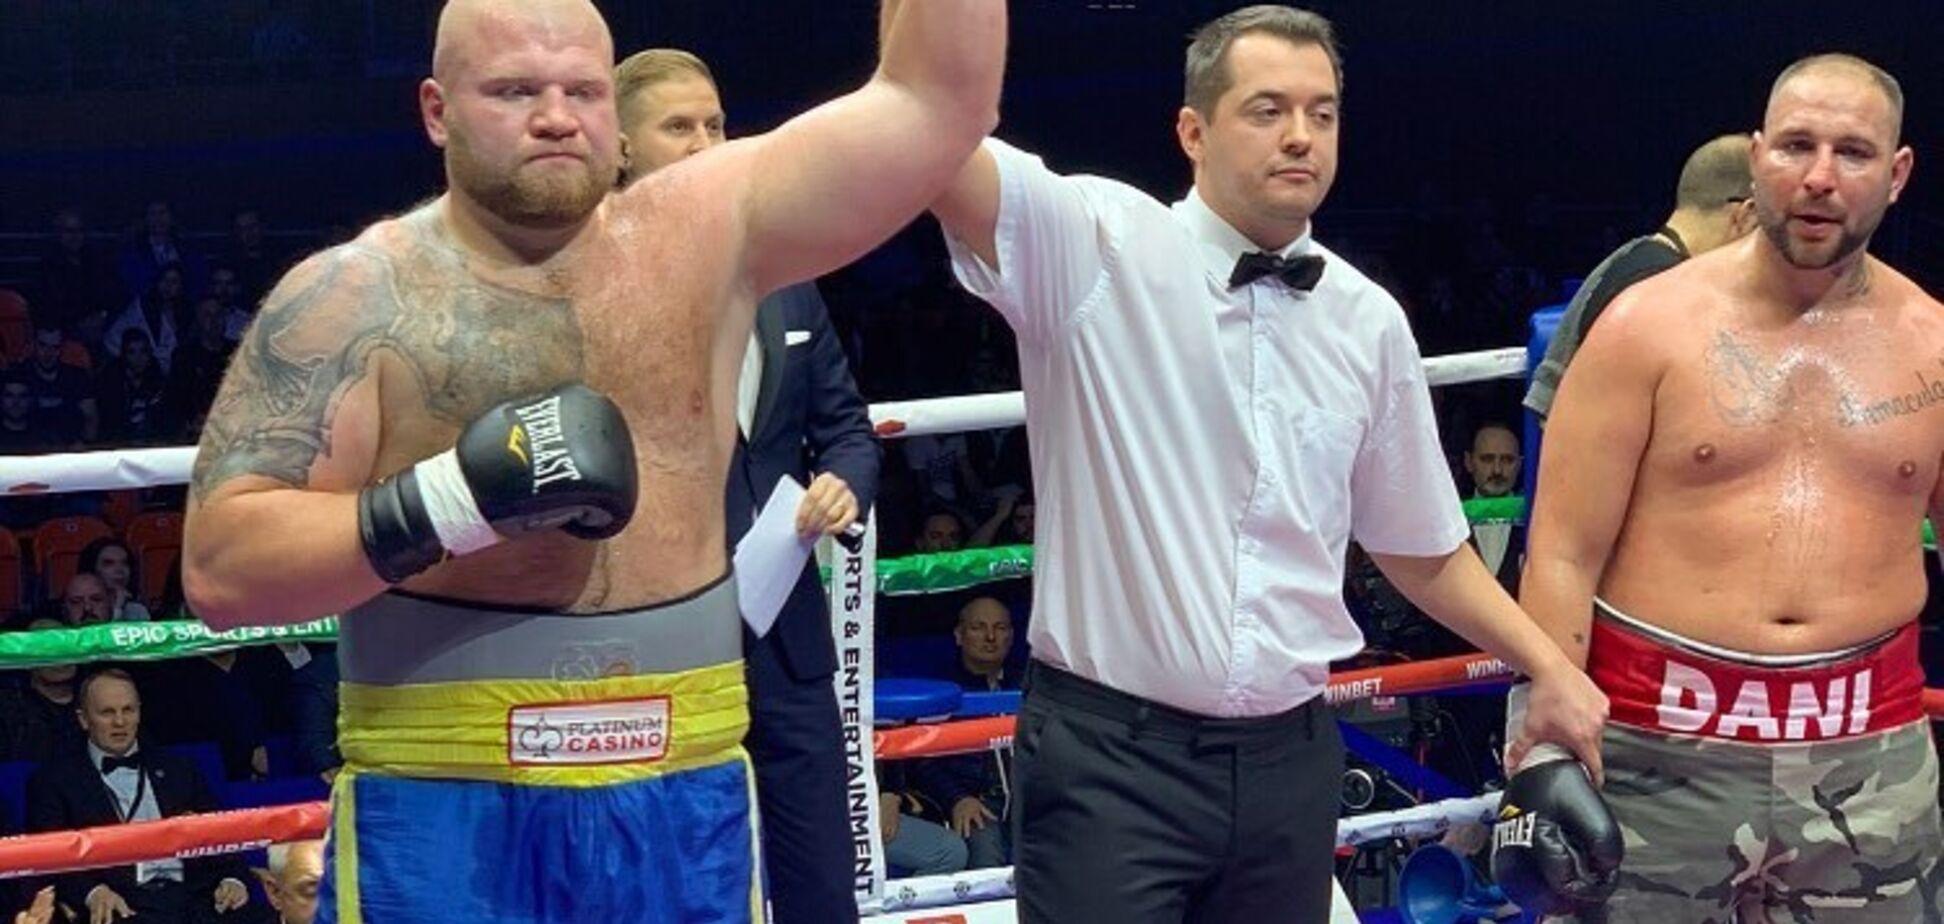 Непобедимый украинский супертяж забил соперника в ярком бою - опубликовано видео